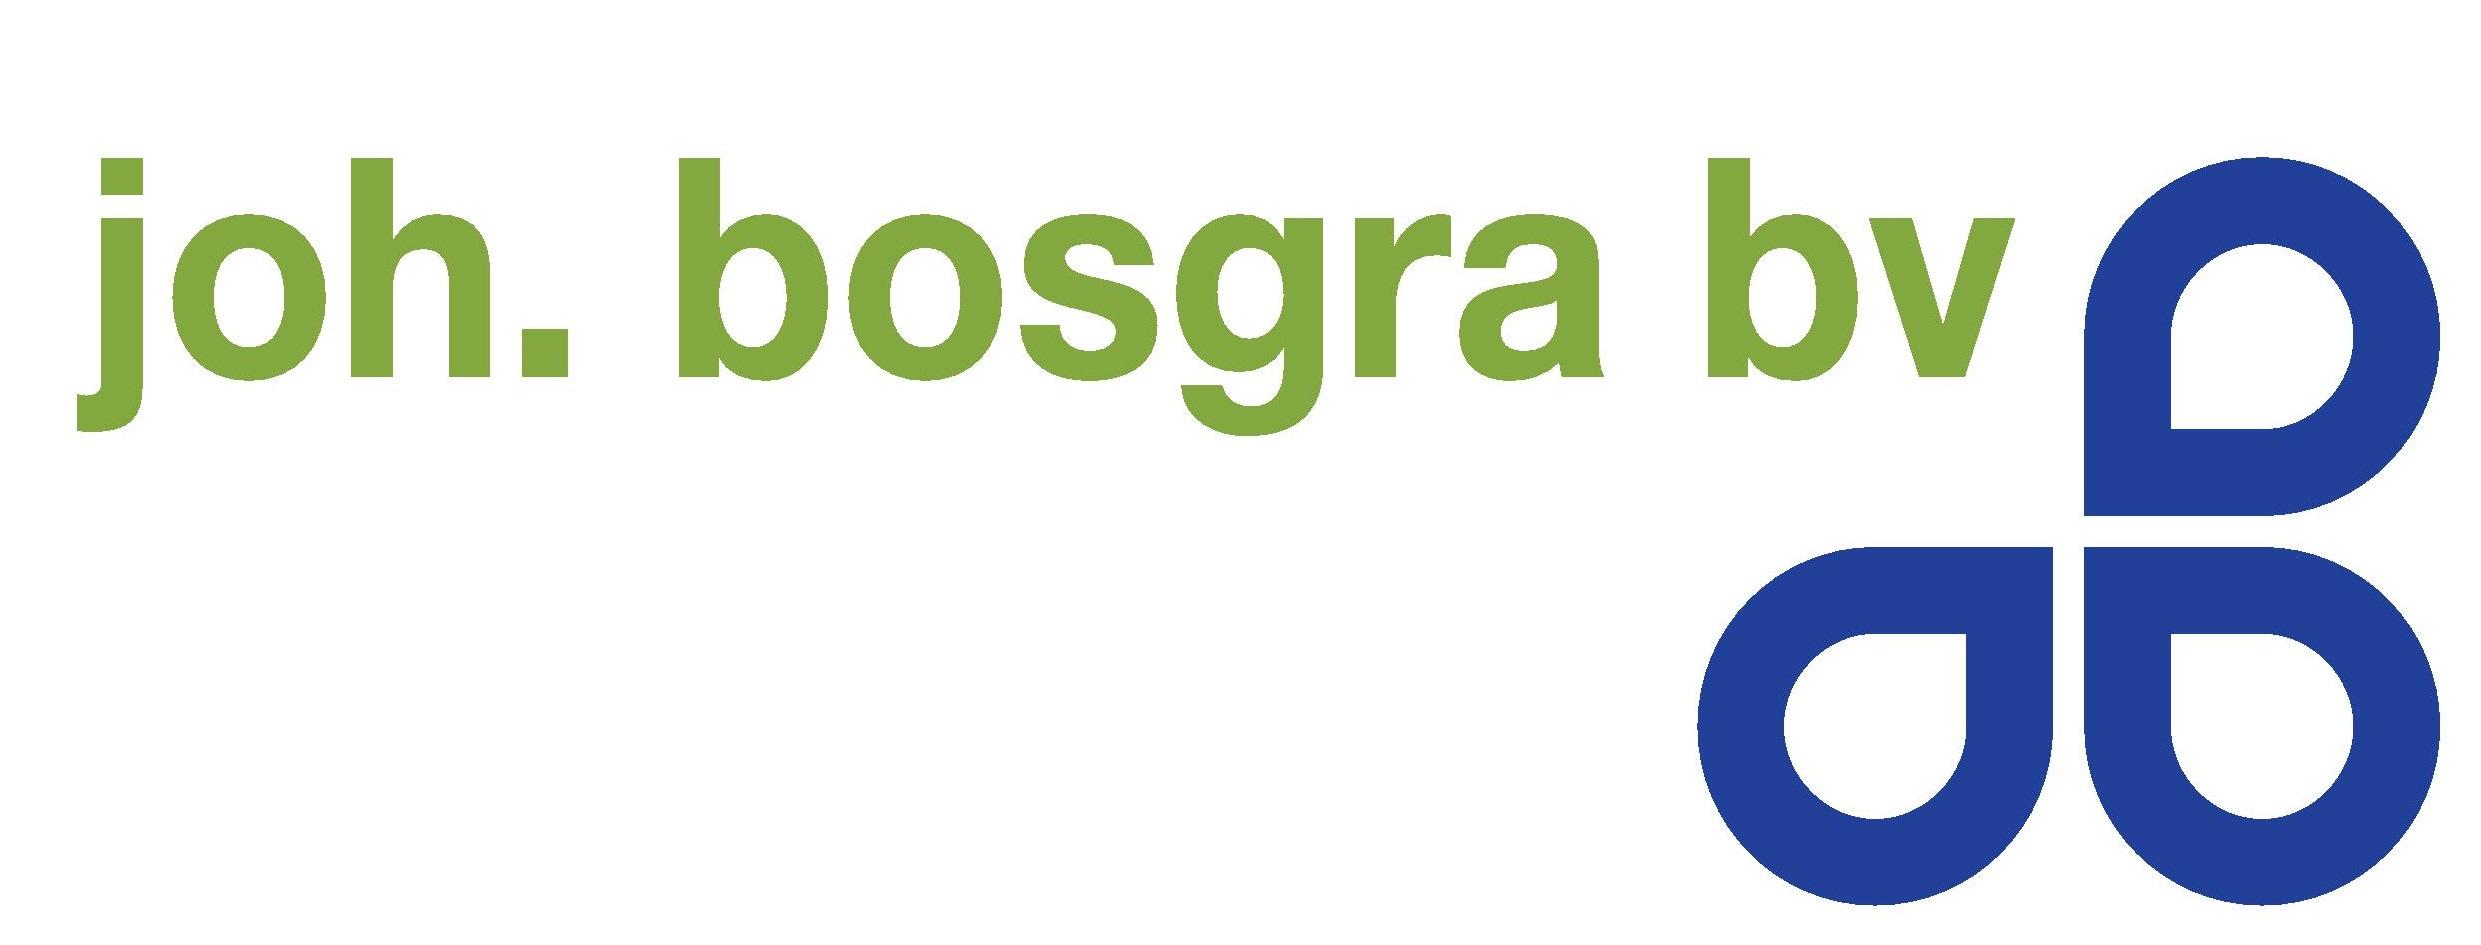 Bosgra